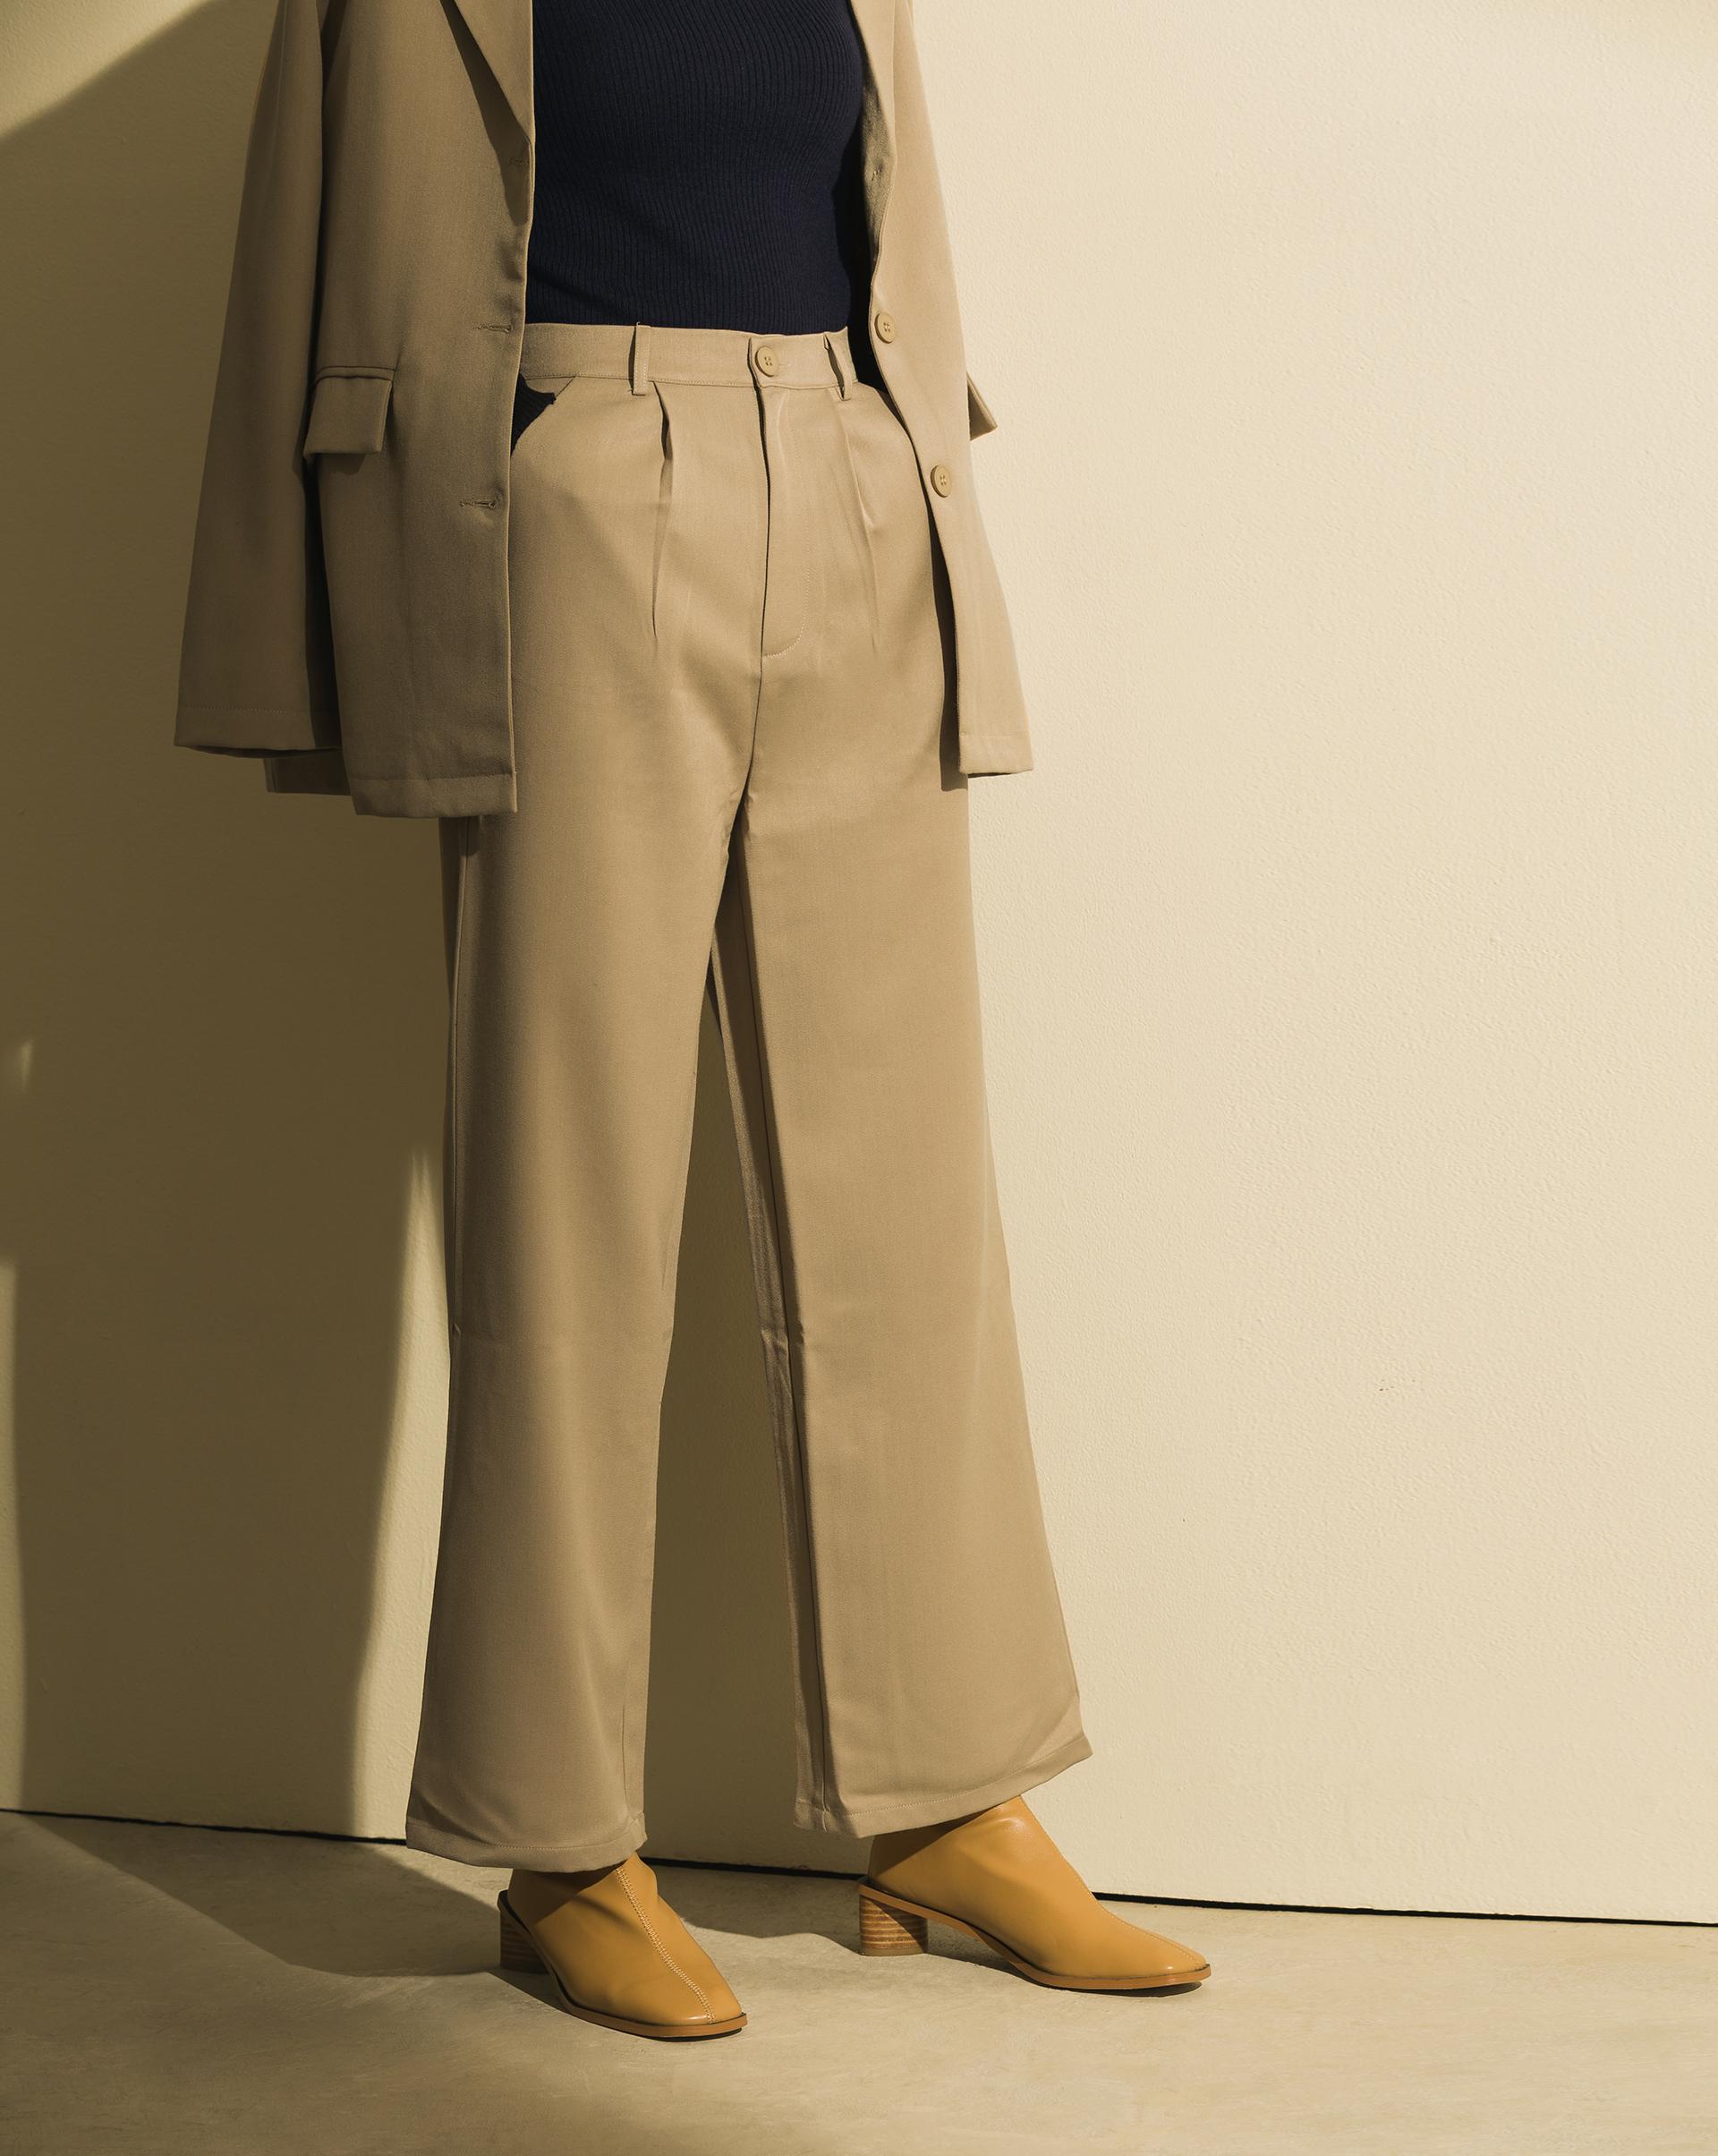 微寬褲版型/ 左右斜口袋/ 無內裡